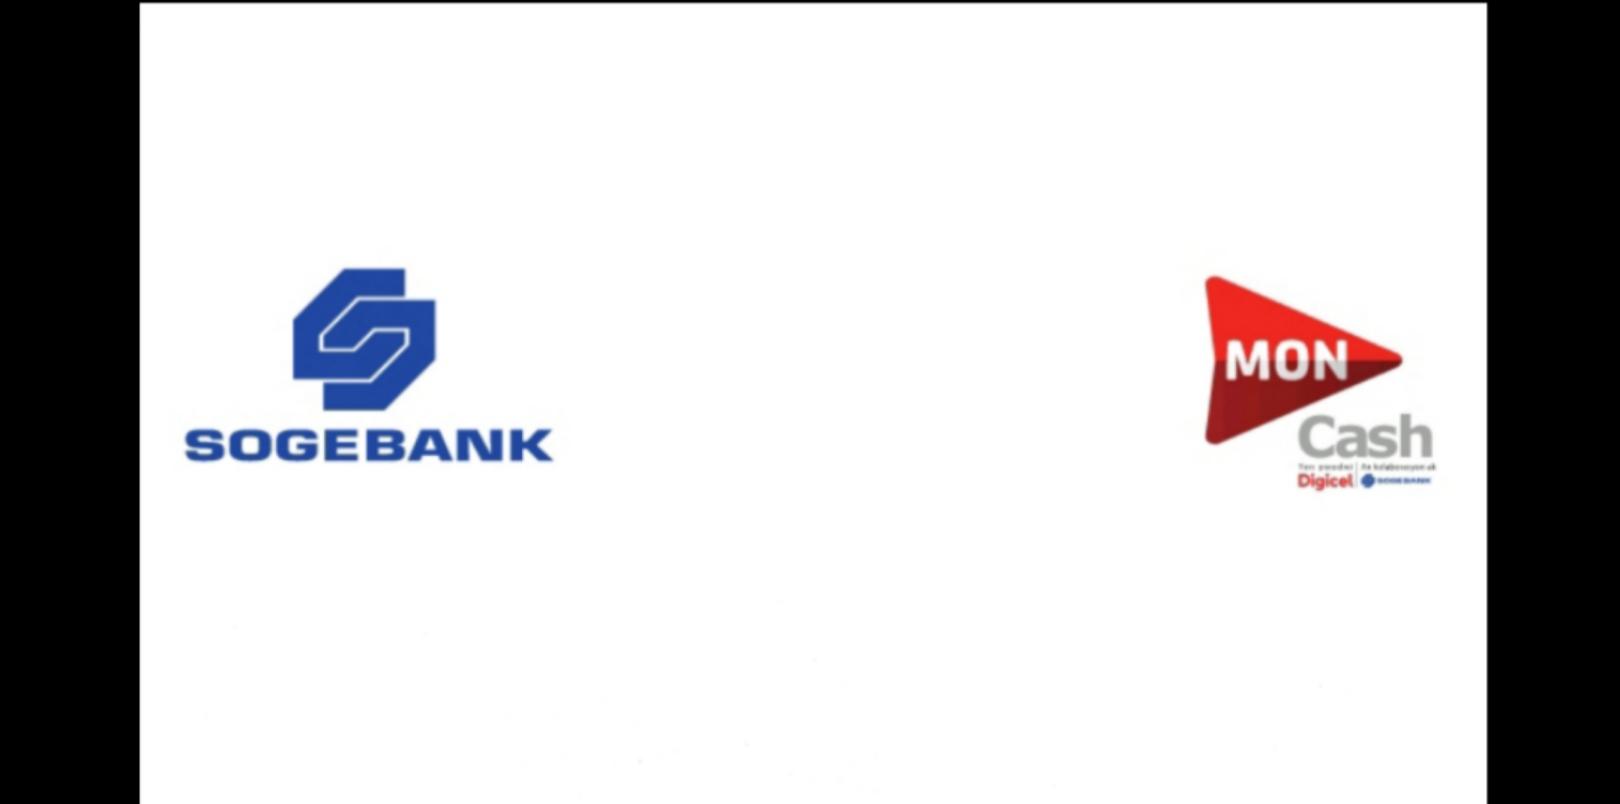 Les logos de la Sogebank et du service MonCash.